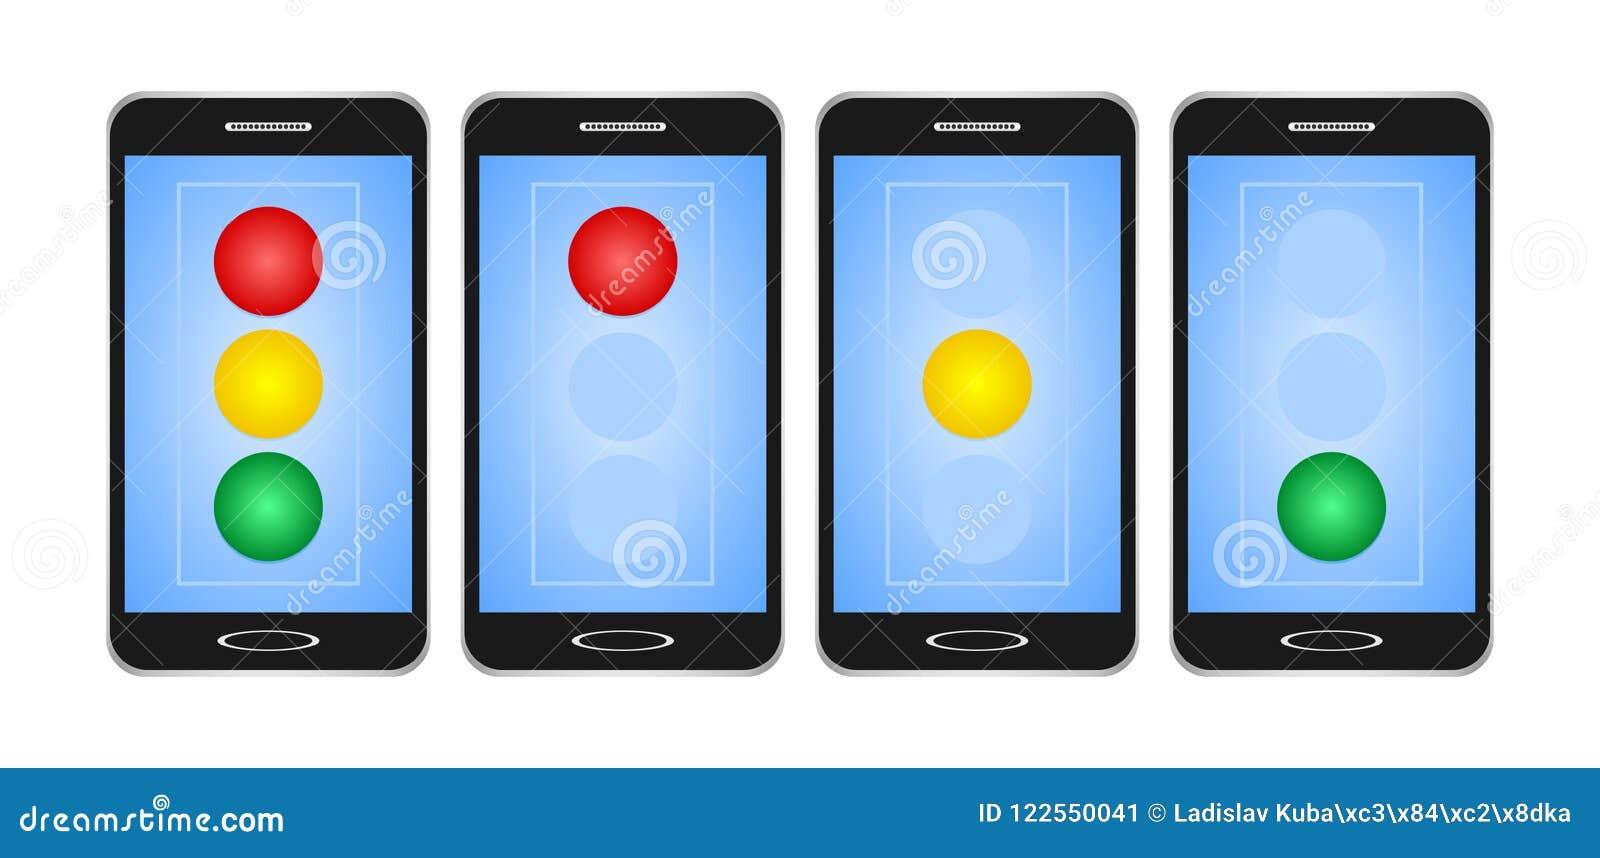 Комплект черноты переключил smartphones с голубым дисплеем с красным цветом, желтым цветом и зеленым светом на светофоре на белой